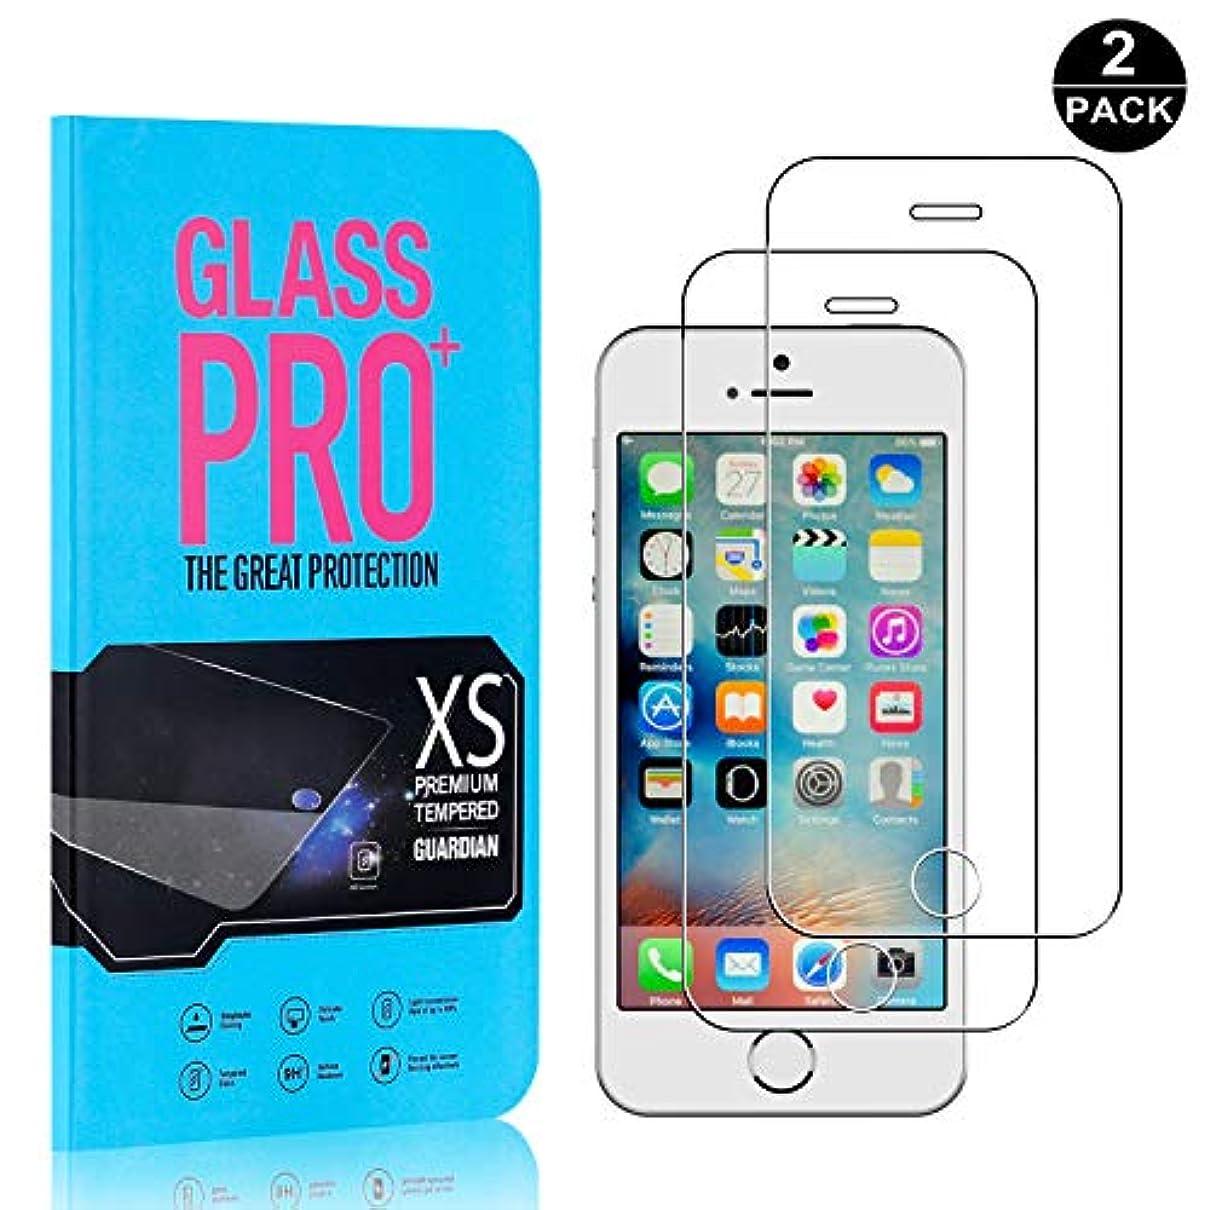 フレット領収書開いた【2枚セット】 iPhone 5C 超薄 フィルム CUNUS Apple iPhone 5C 専用設計 強化ガラスフィルム 高透明度で 気泡防止 飛散防止 硬度9H 耐衝撃 超薄0.26mm 液晶保護フィルム